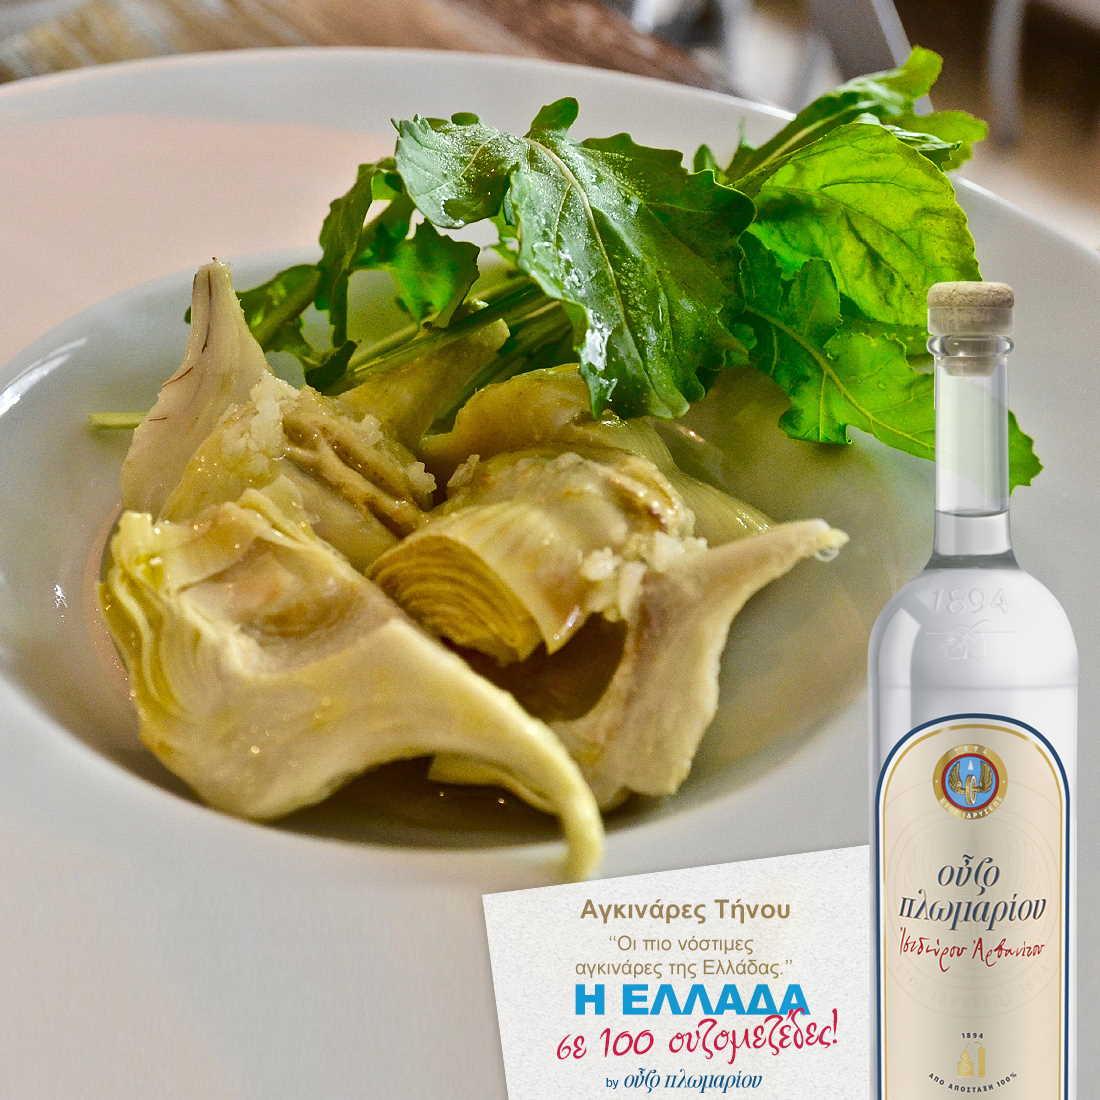 Αγκινάρες Τήνου - Ουζομεζέδες - Greek Gastronomy Guide